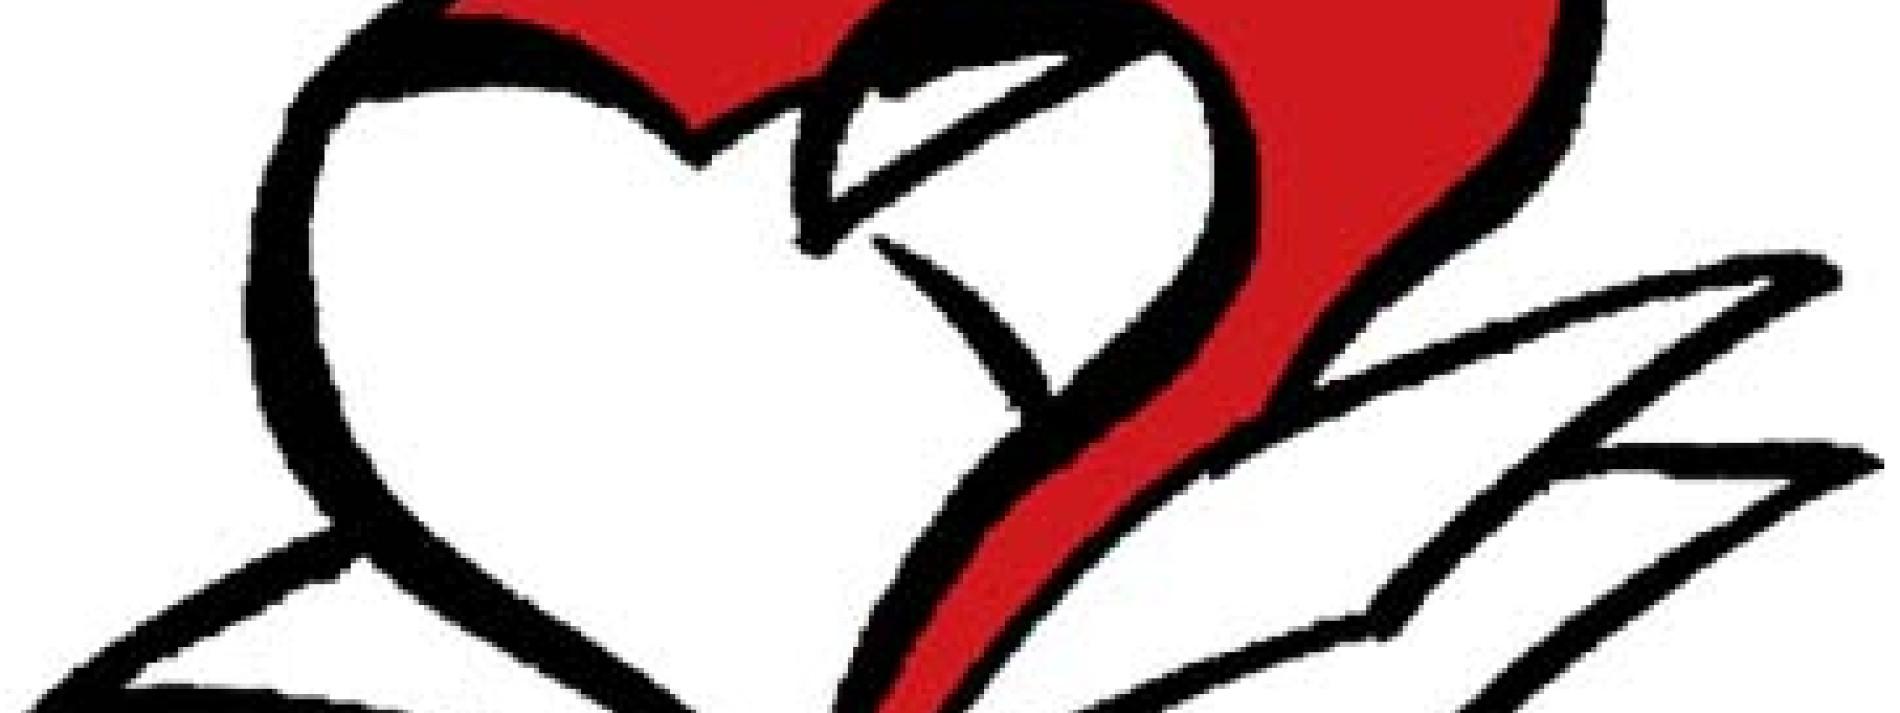 Herzblatt Geschichten Der Papst Ist Trendy Herzblatt